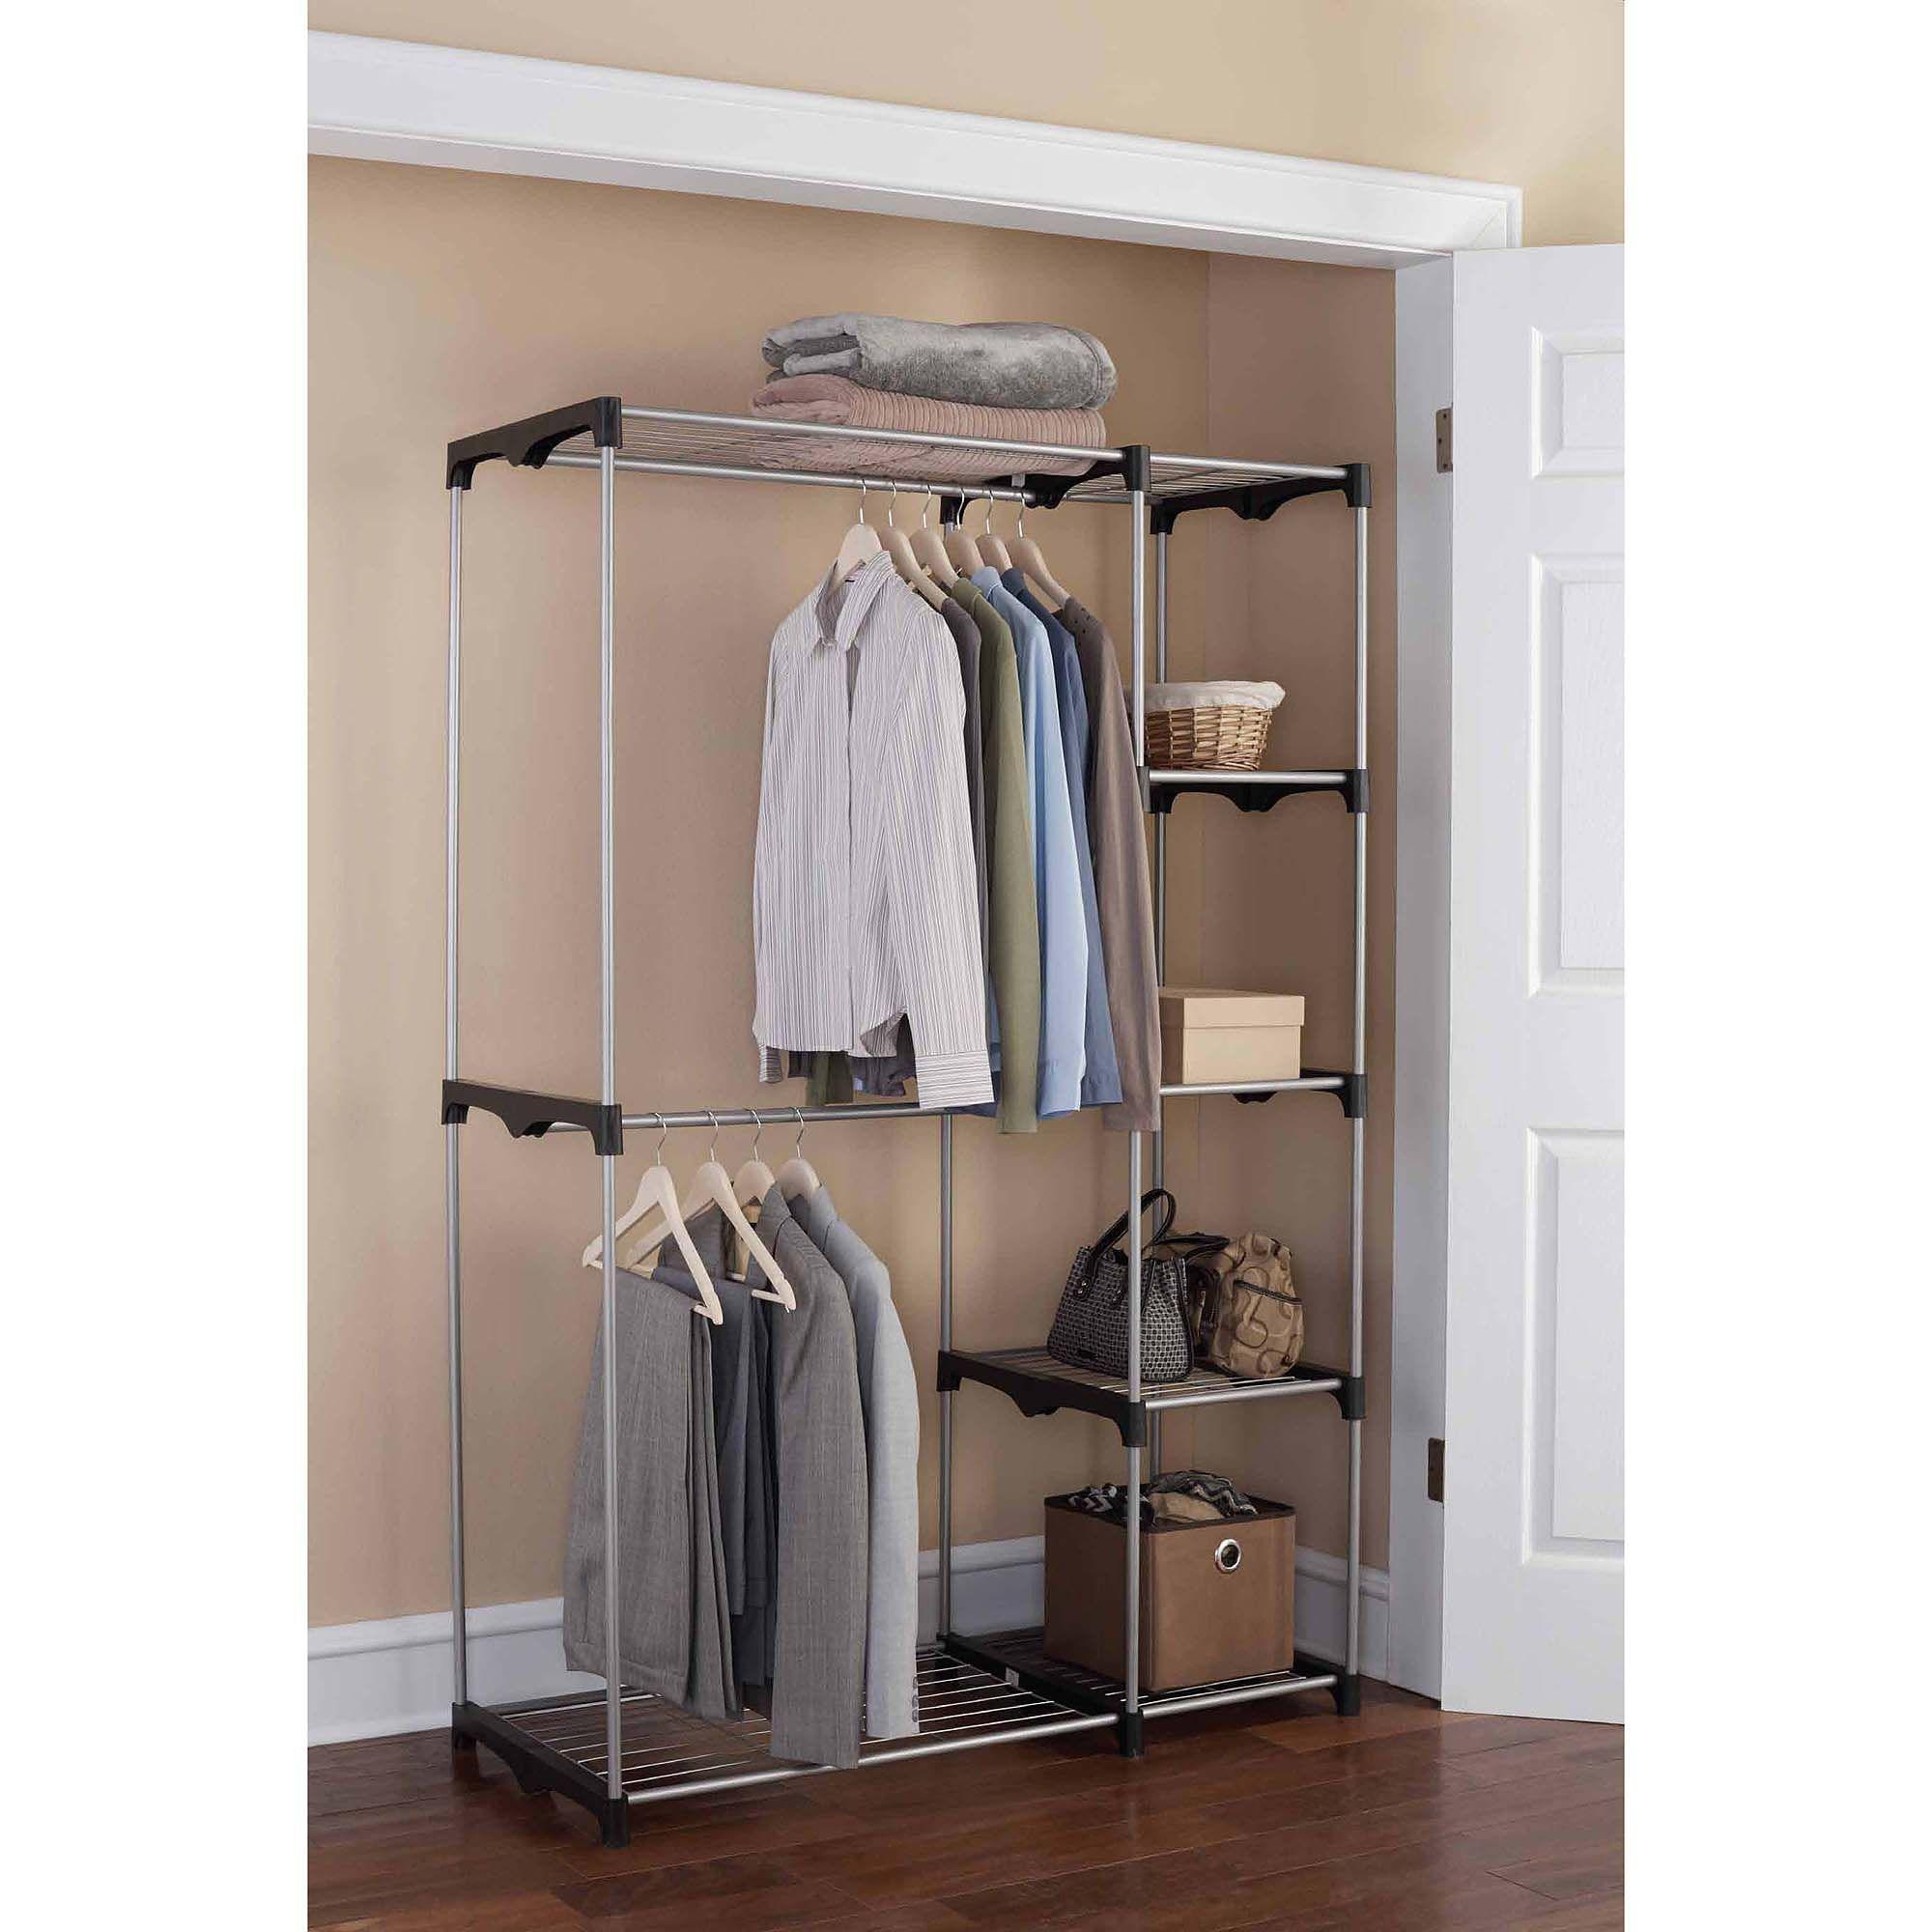 Benefits Of A Closet Organizer Closet Shelf Organization Wire Closet Shelving Closet Organizing Systems